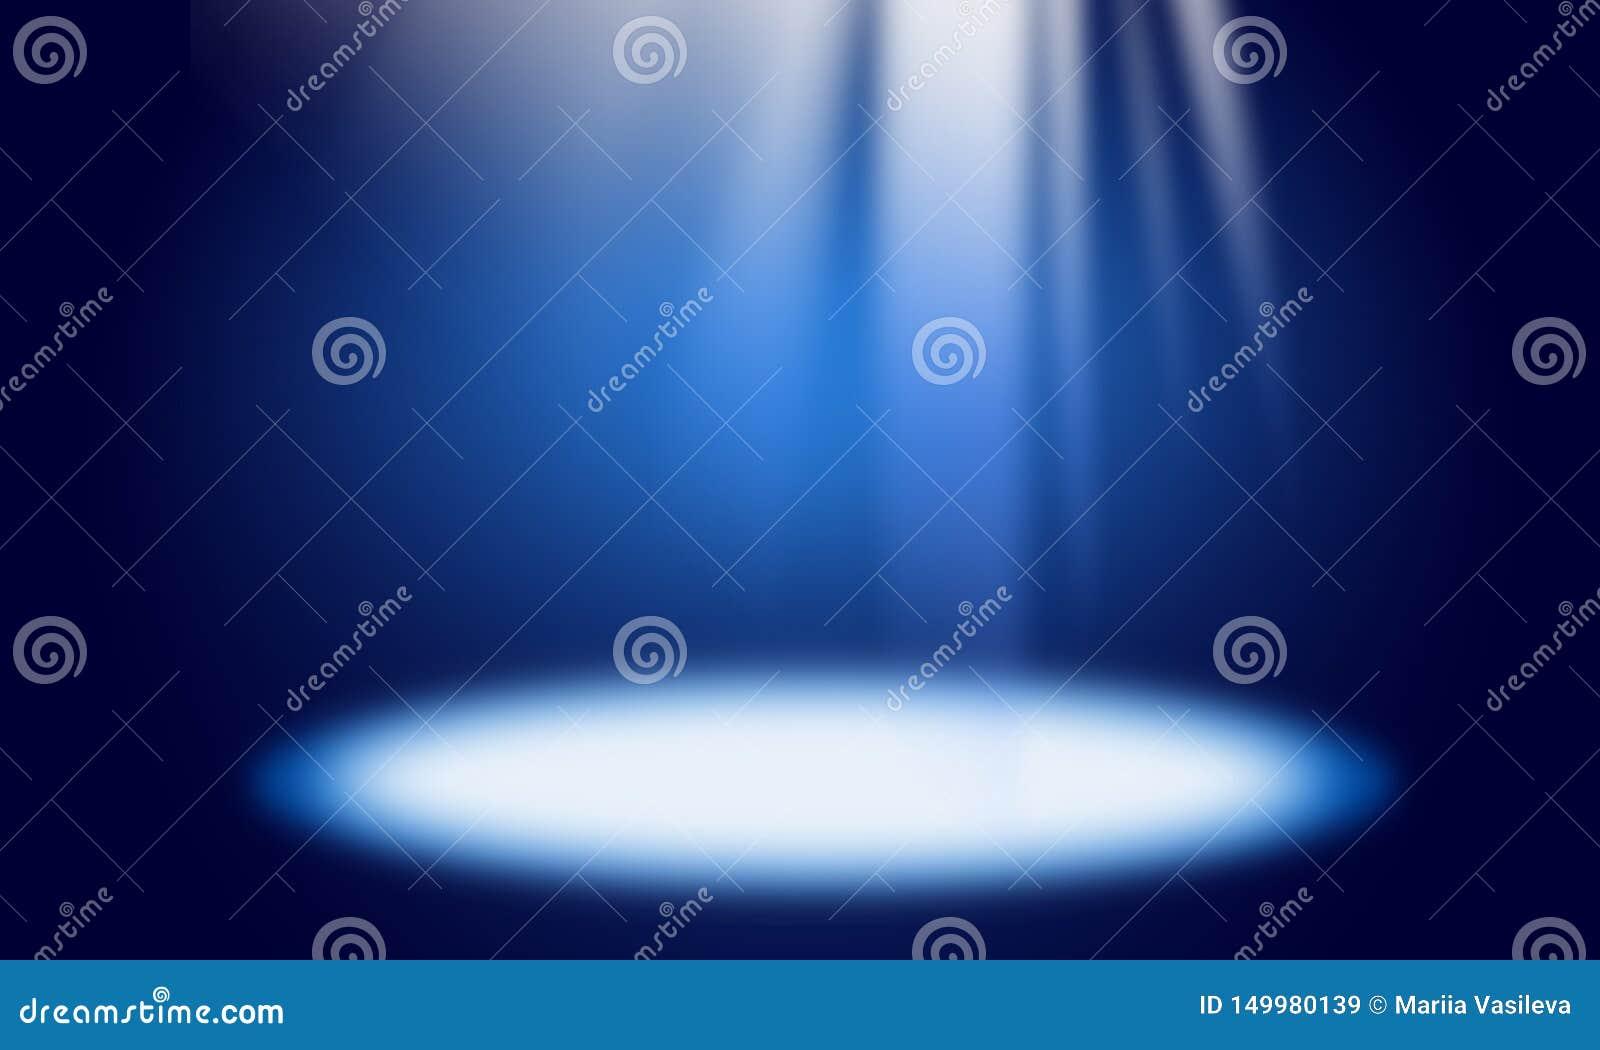 Fundo abstrato azul, raios claros, efeito da luz, ponto claro, lugar para o texto, cena luminosa, feriado, partido, branco, azul